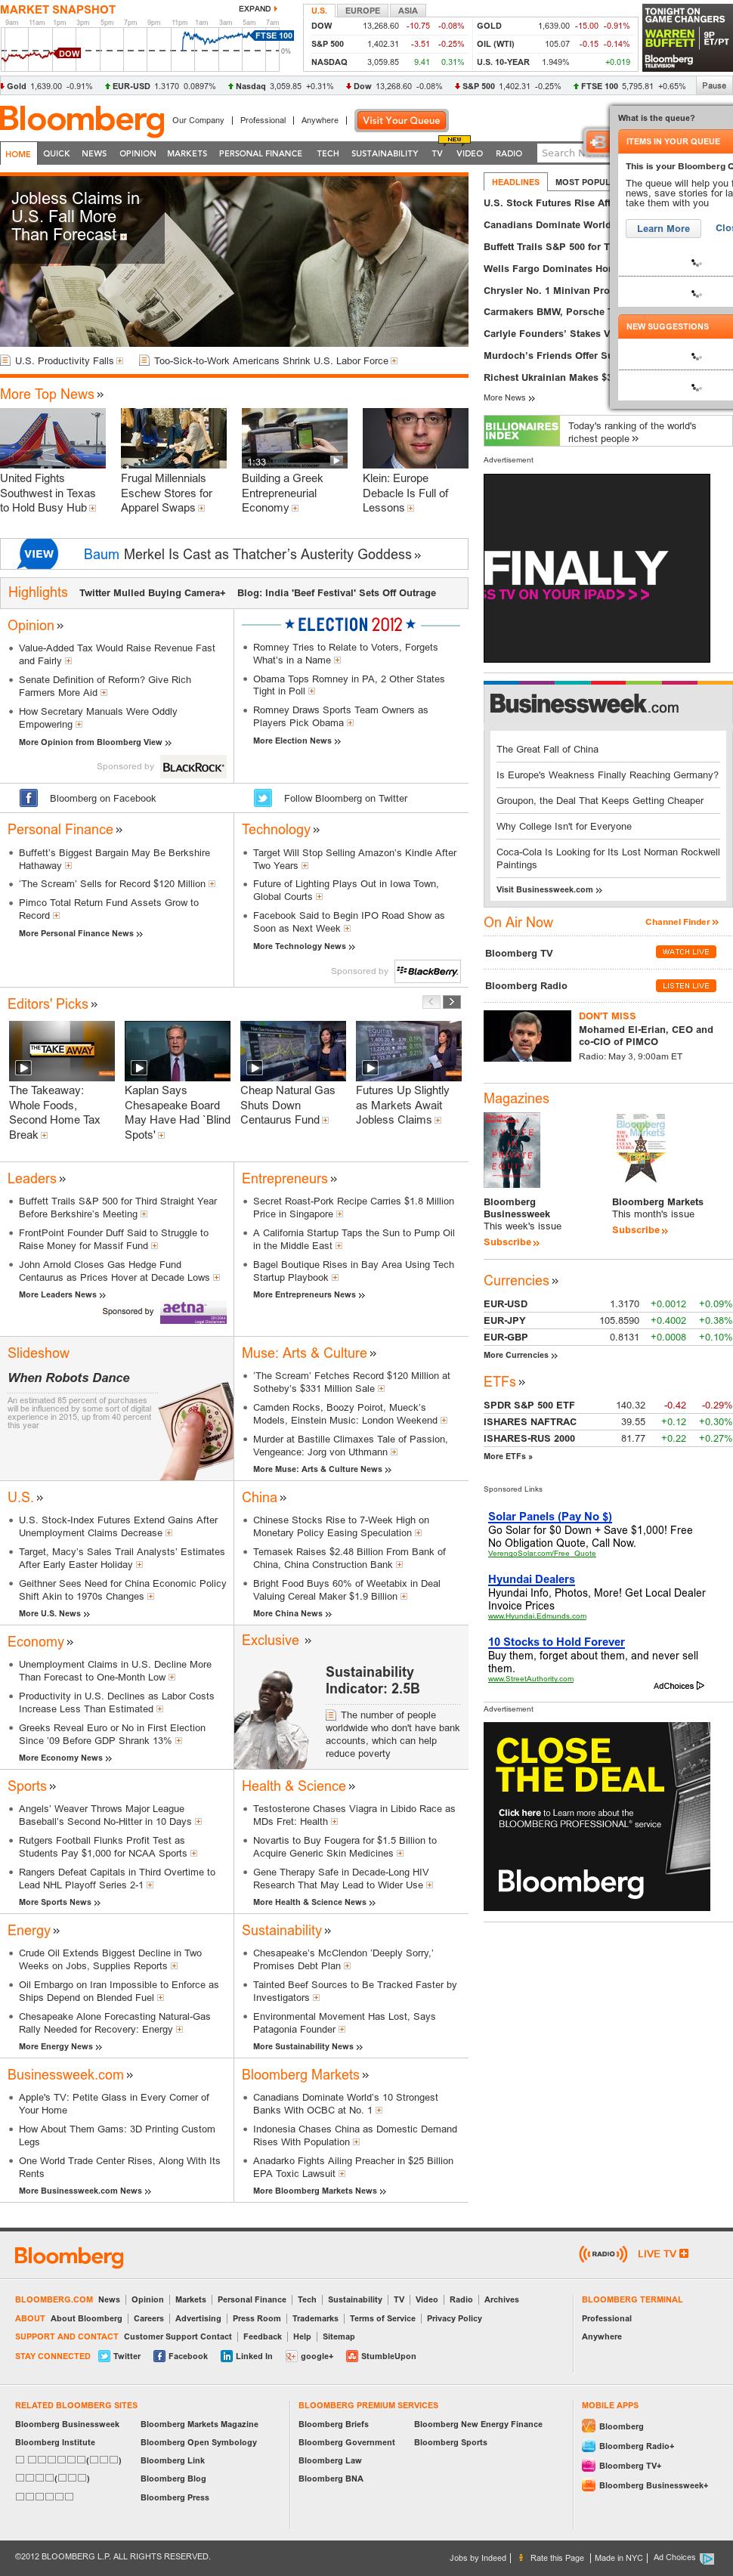 Bloomberg at Thursday May 3, 2012, 1 p.m. UTC